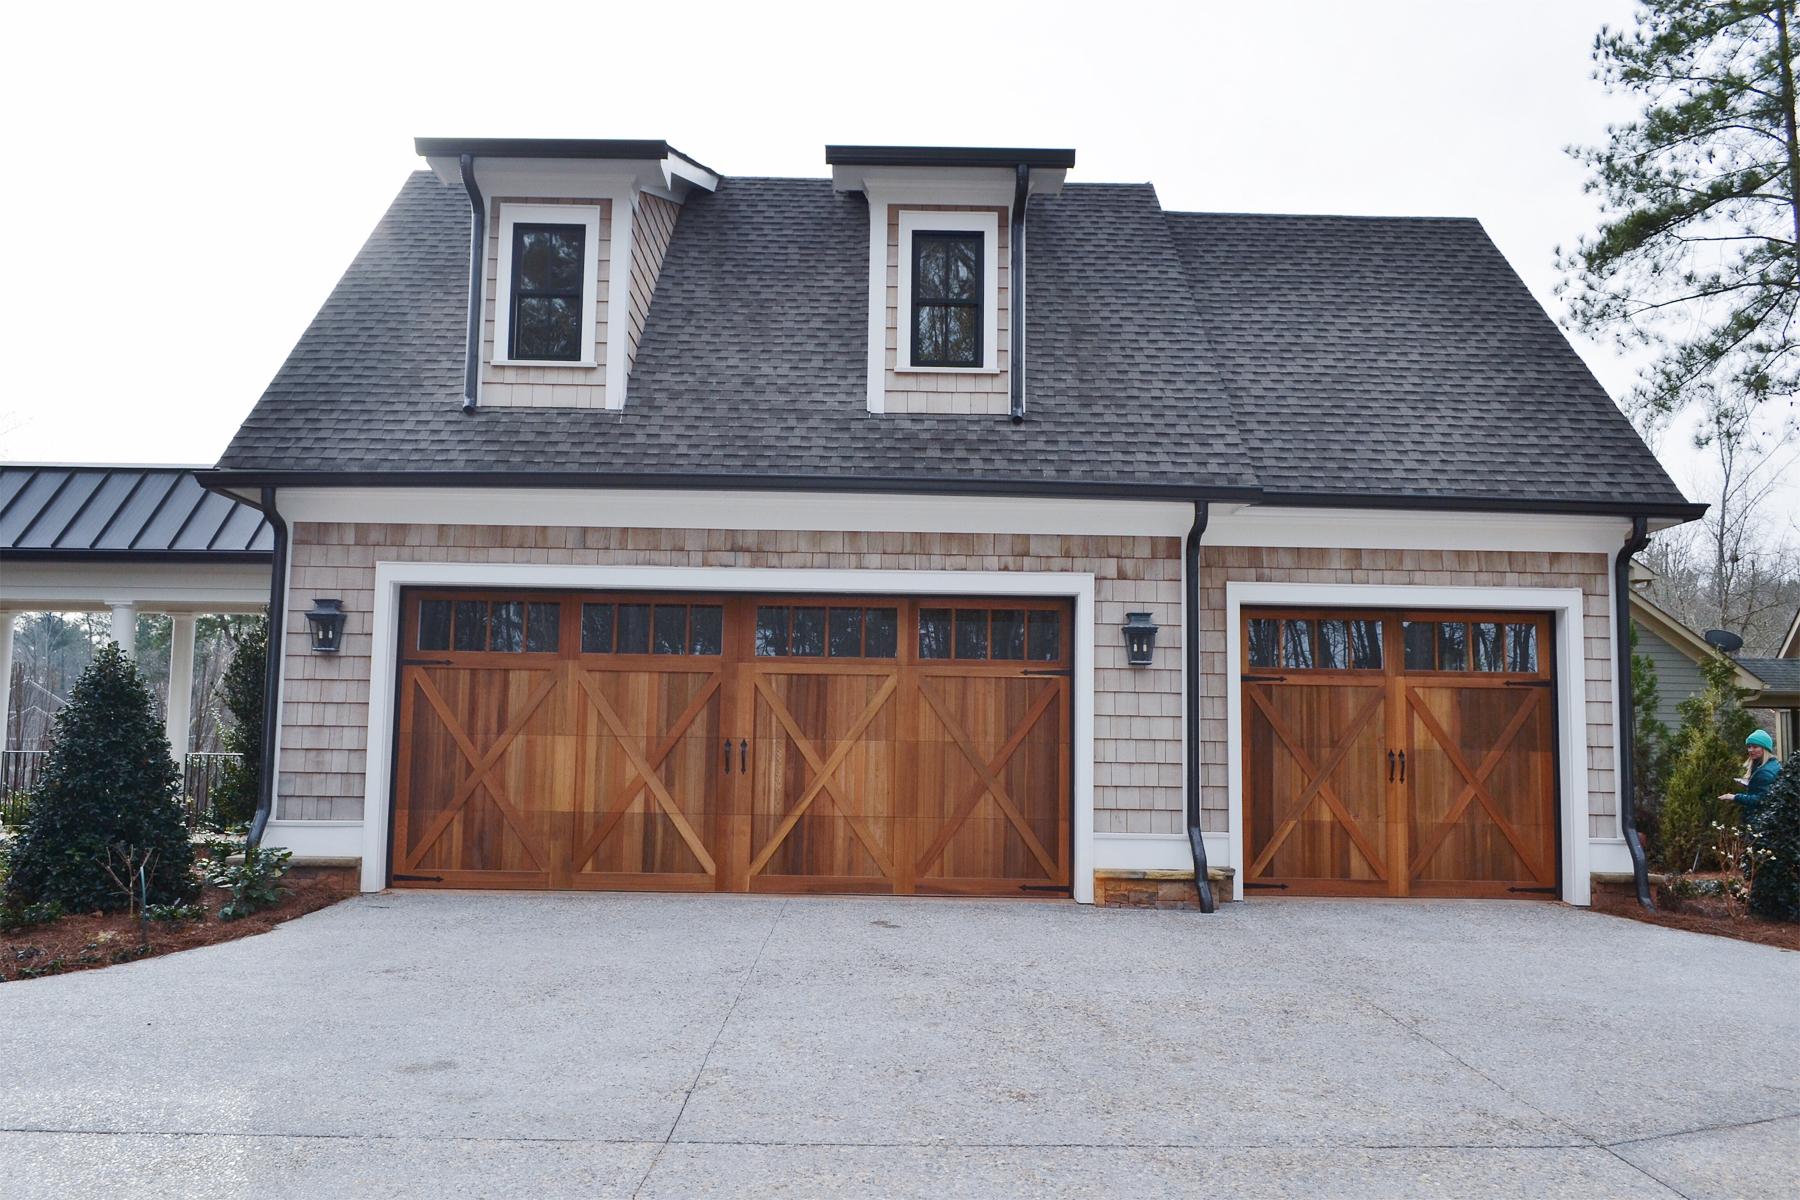 cedar shake double garage custom stain.jpg